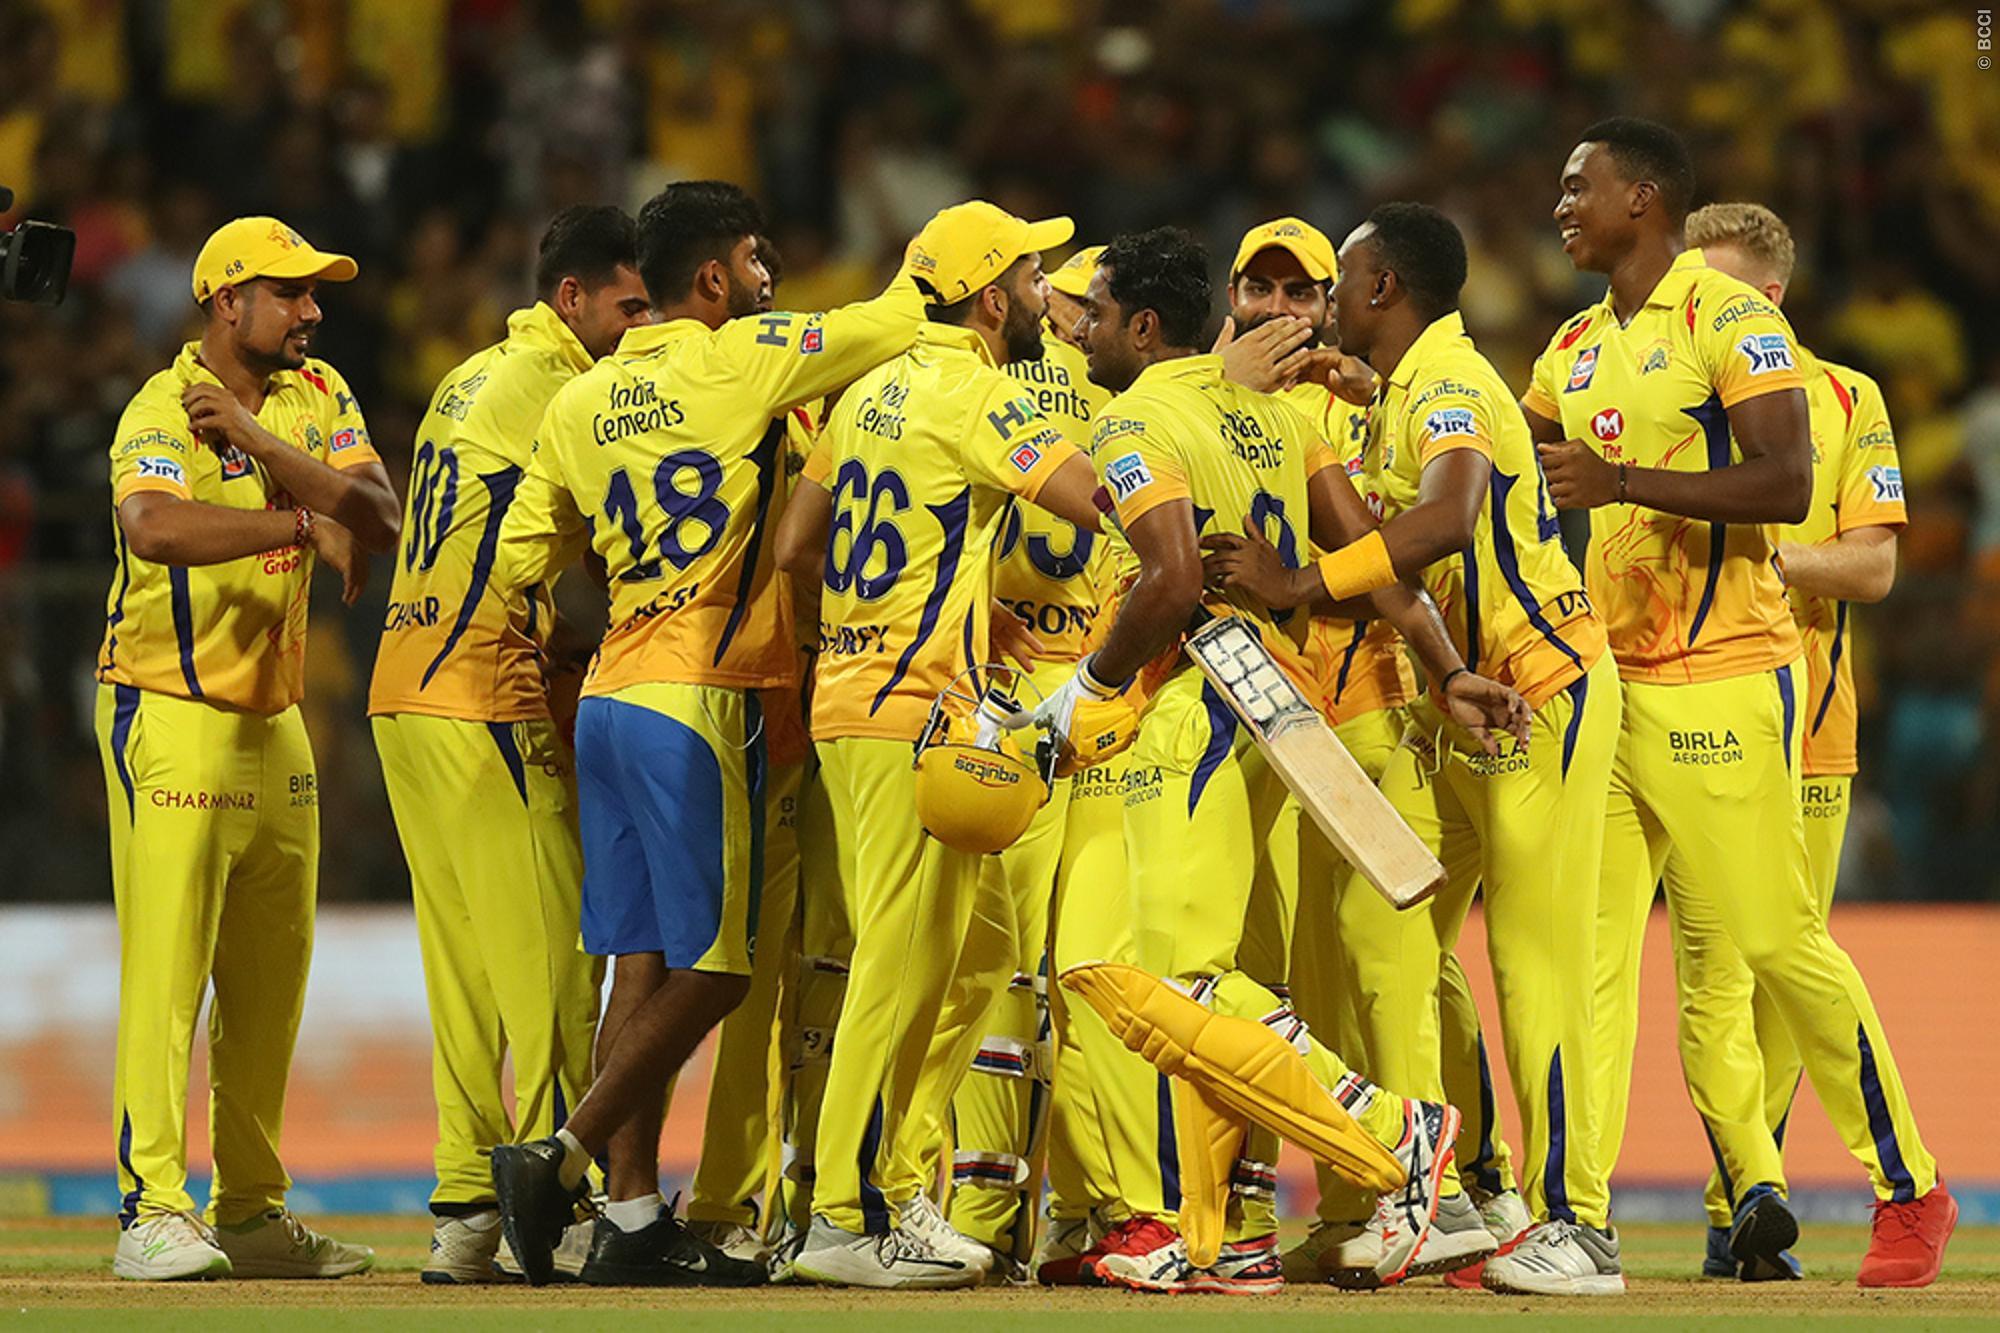 IPL 2018: जानिए हार के बाद क्या बोले सनराइजर्स हैदराबाद के मेंटोर वीवीएस लक्ष्मण 1